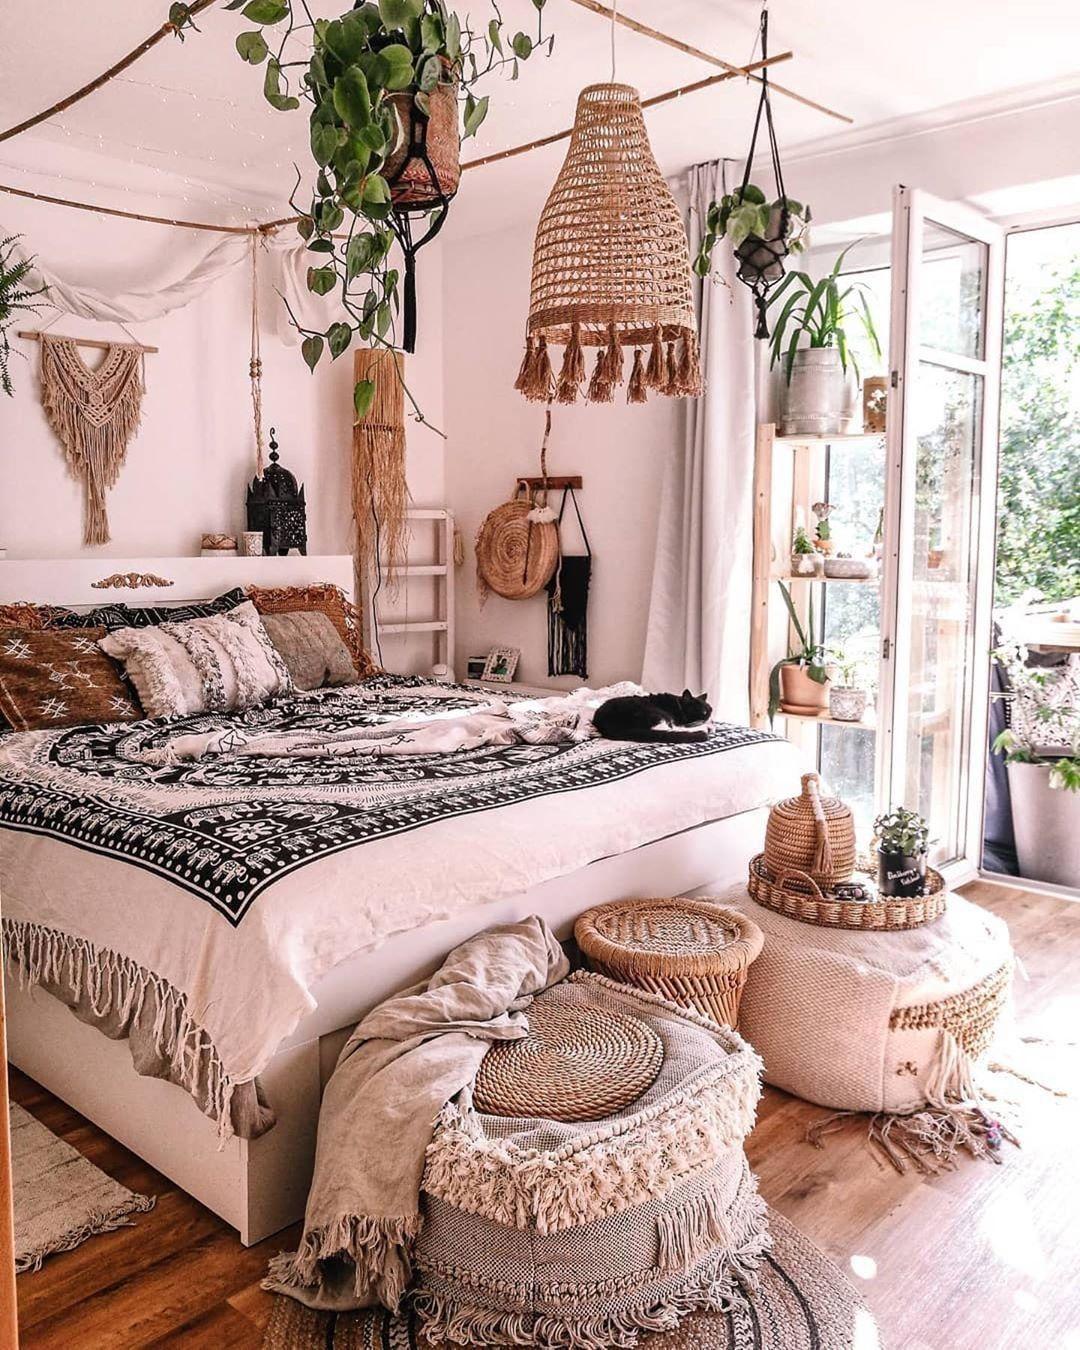 Bloxburg Cozy Bedroom Ideas - Cozy Bedroom Ideas